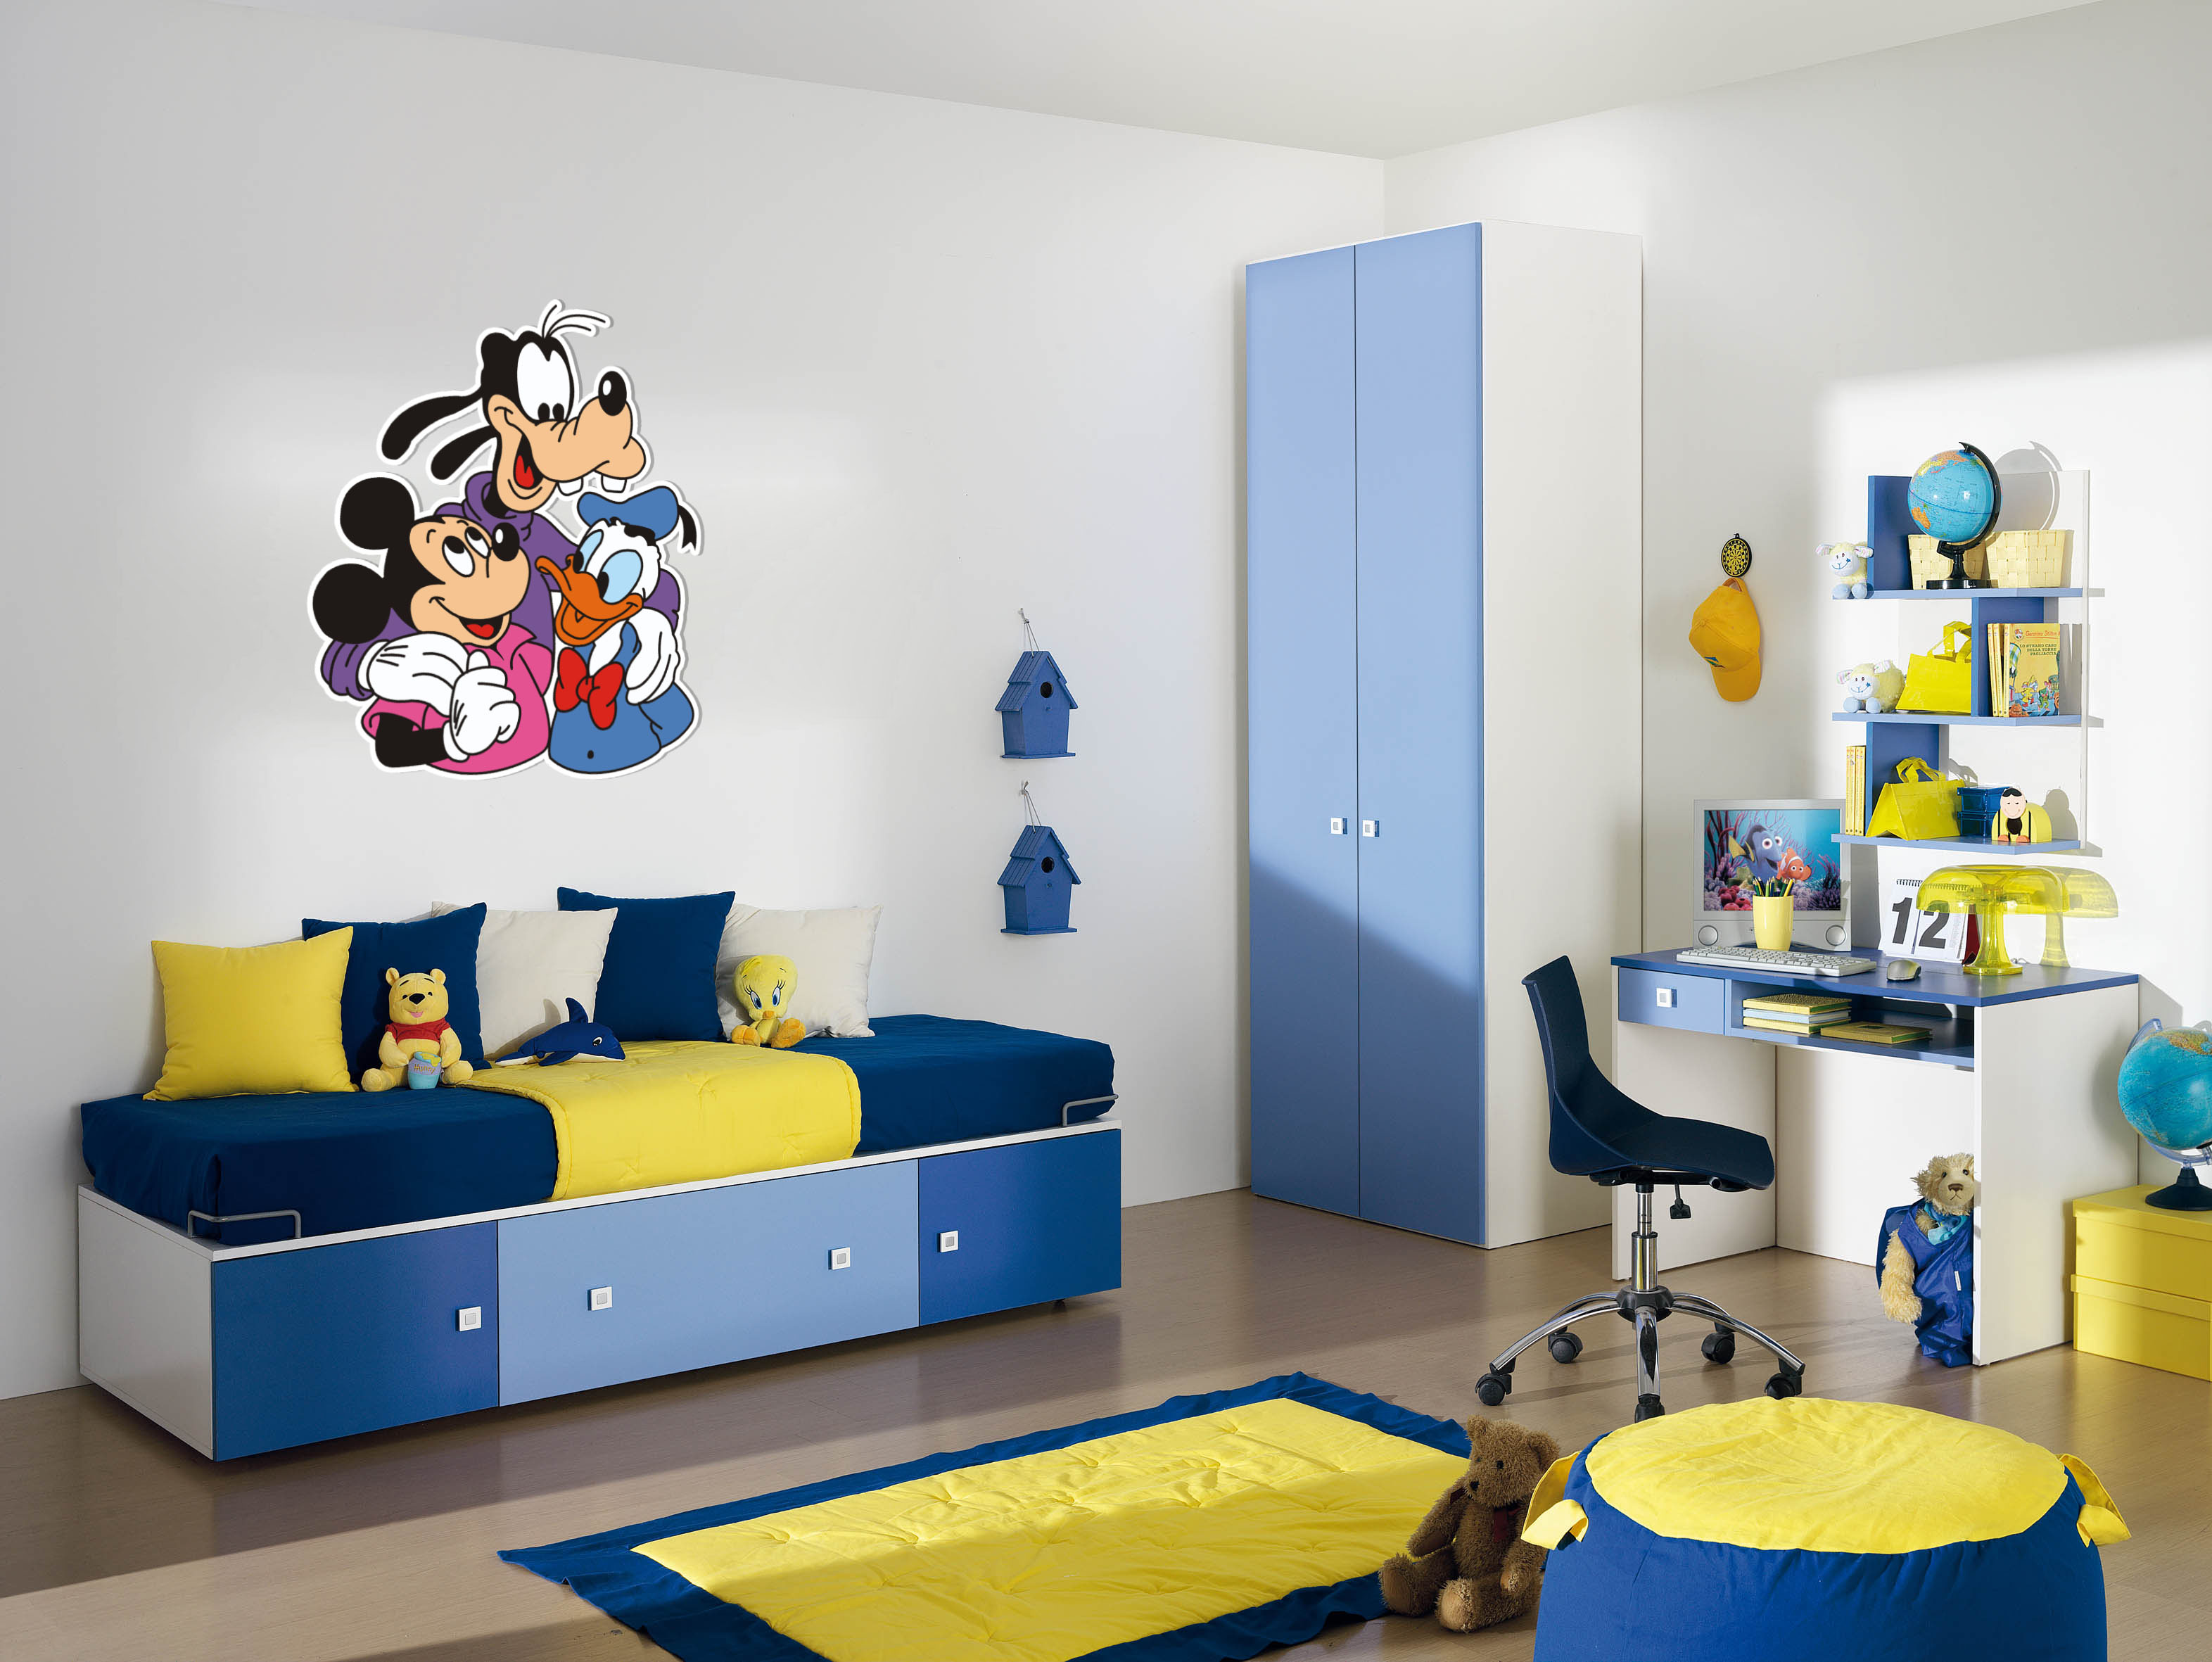 Decorazioni Per Camerette Ragazzi : Decorazioni pareti ecco i nuovi pannelli sagomati per camerette